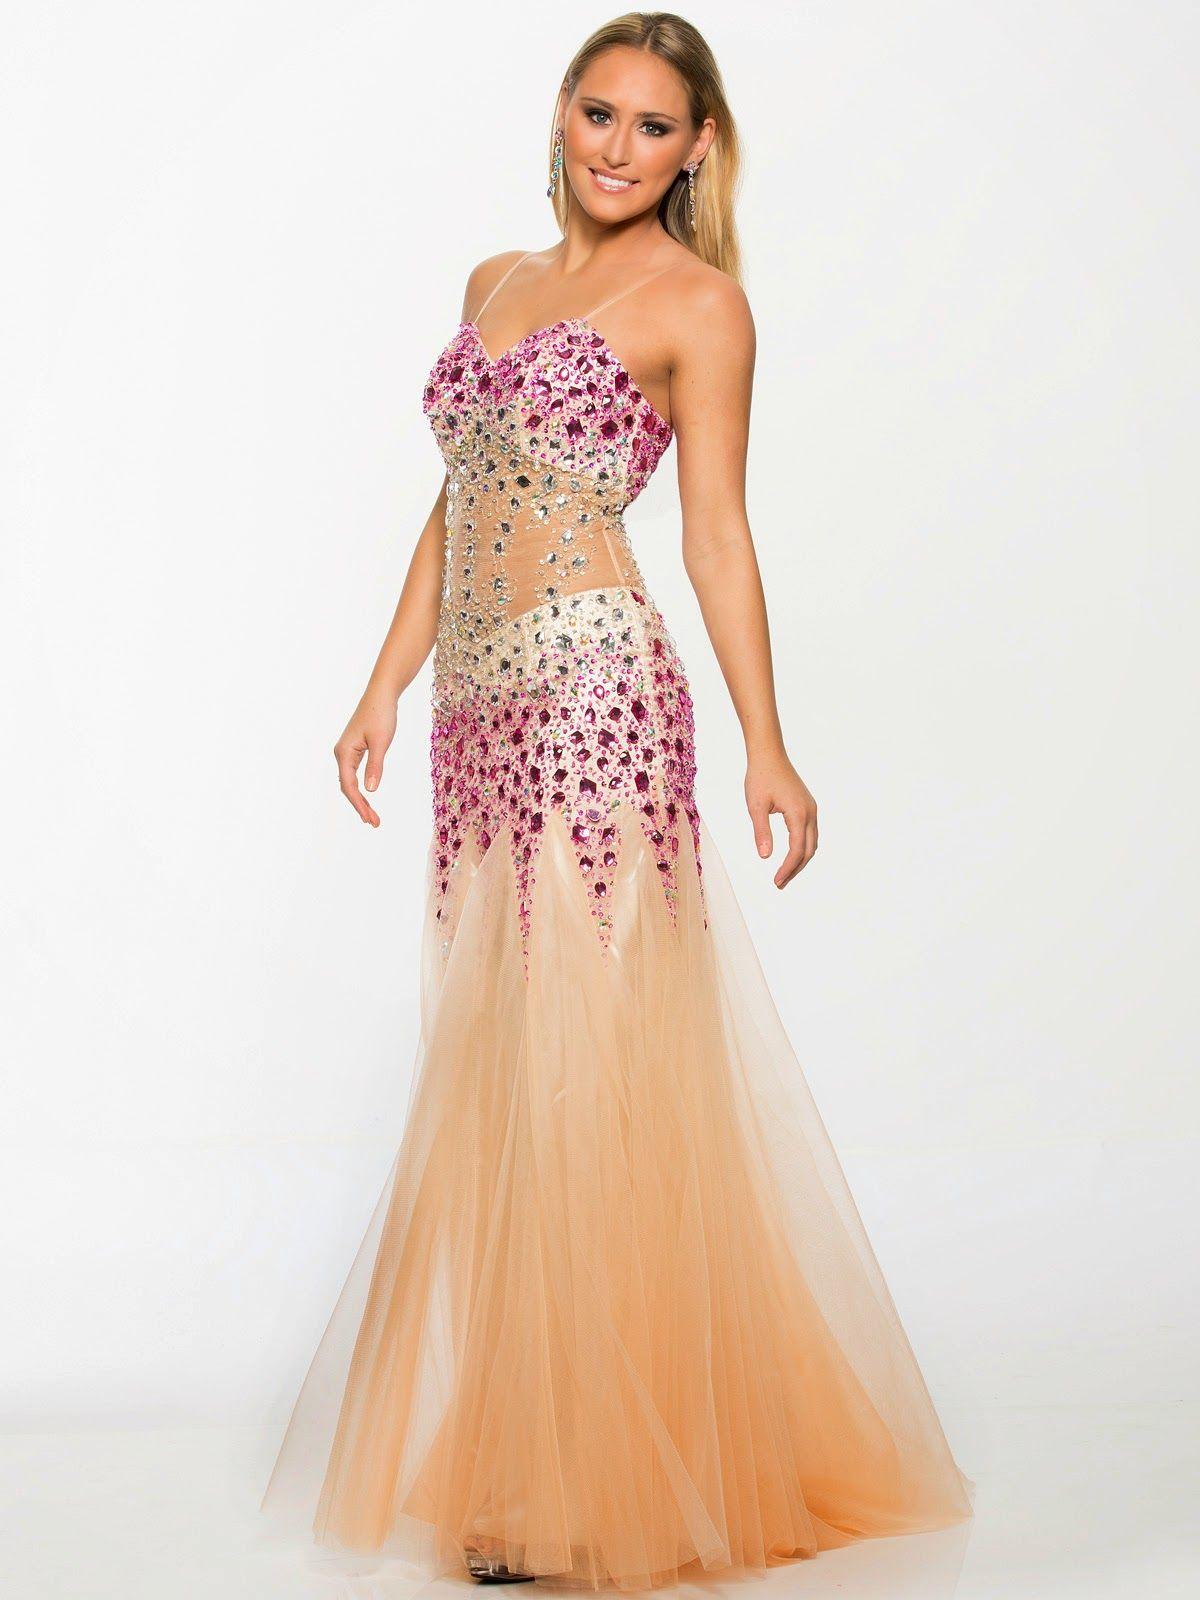 10 Fenomenales vestidos de fiesta para ceremonias | Vestidos elegantes